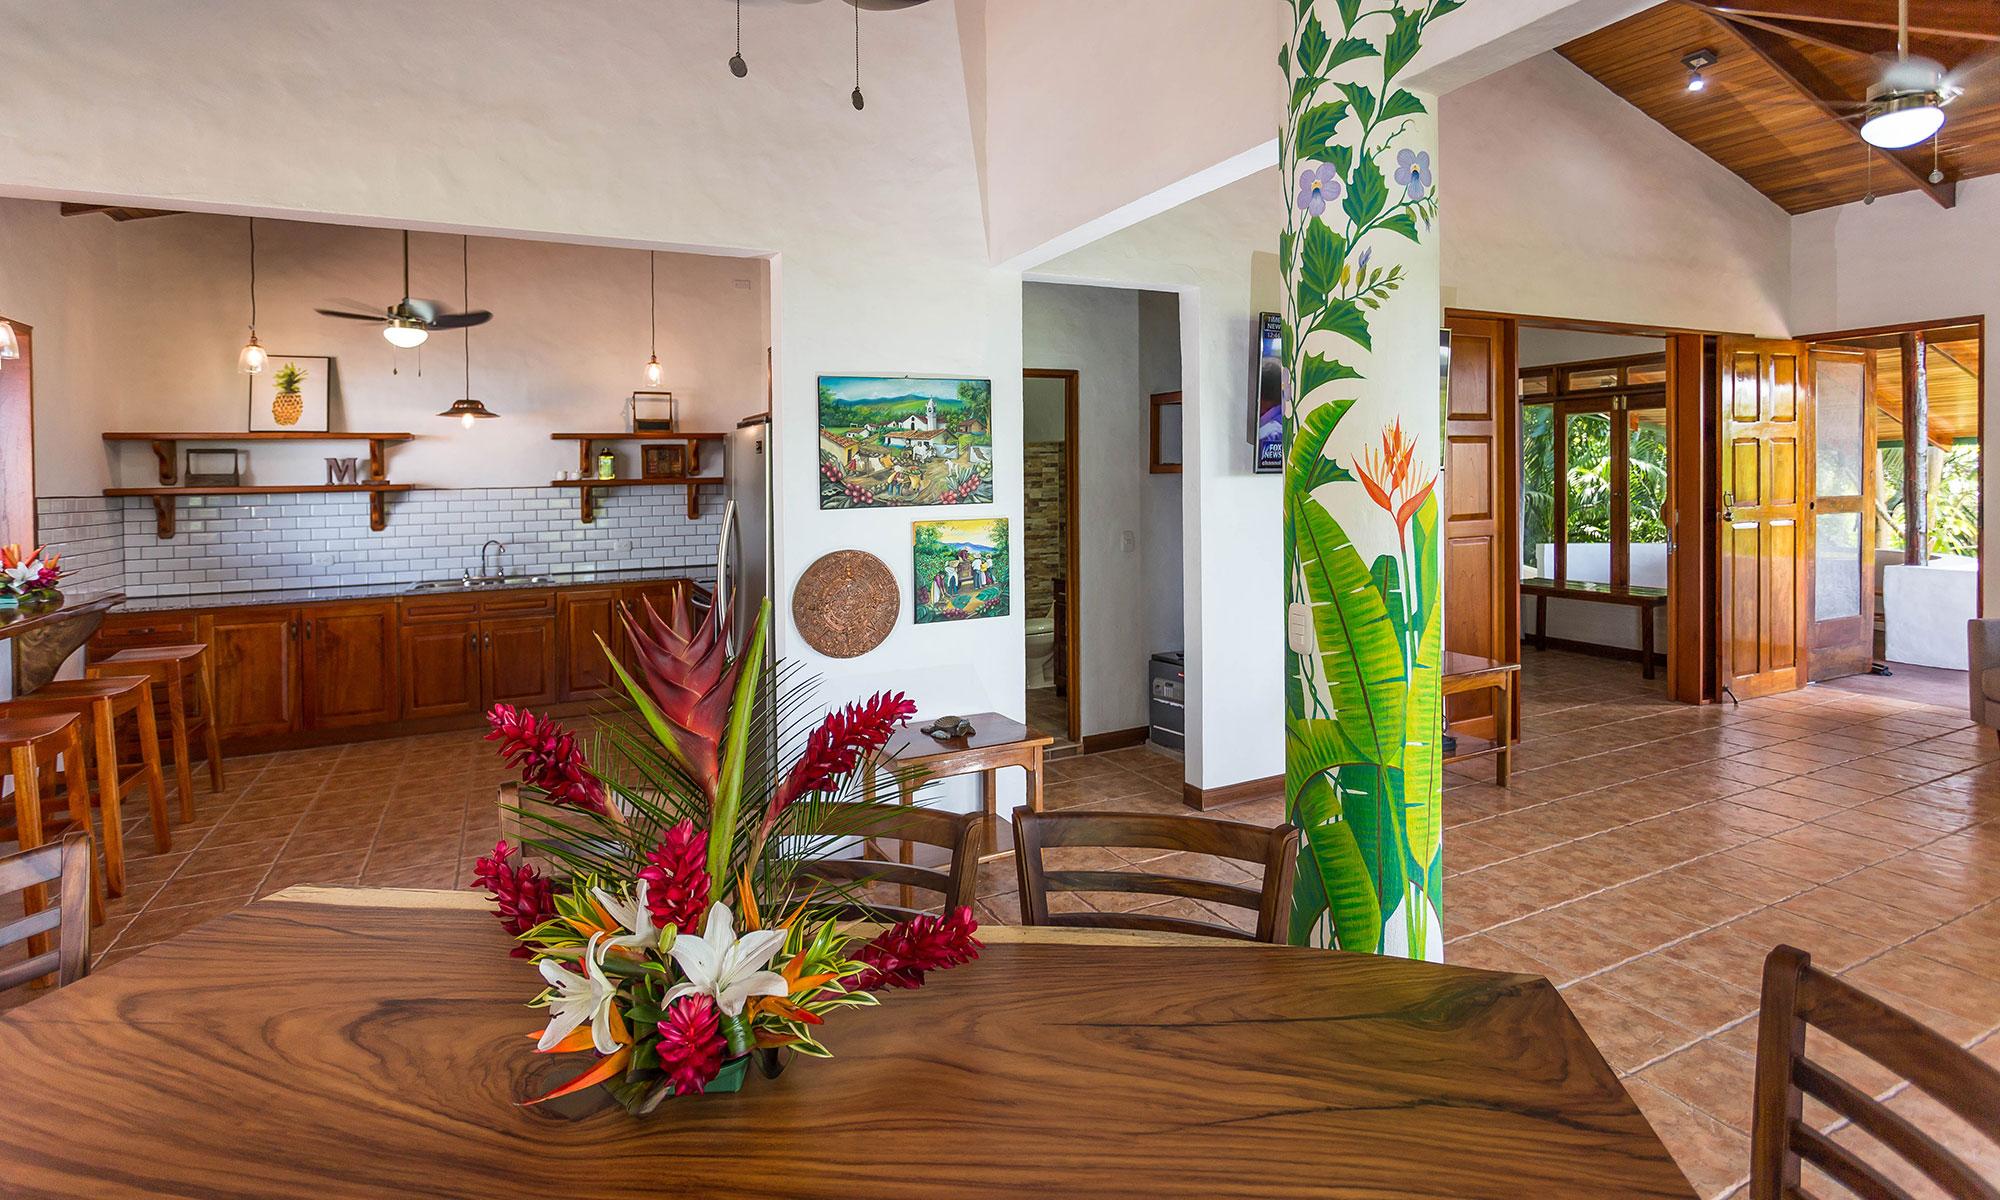 Villa Natura dining room